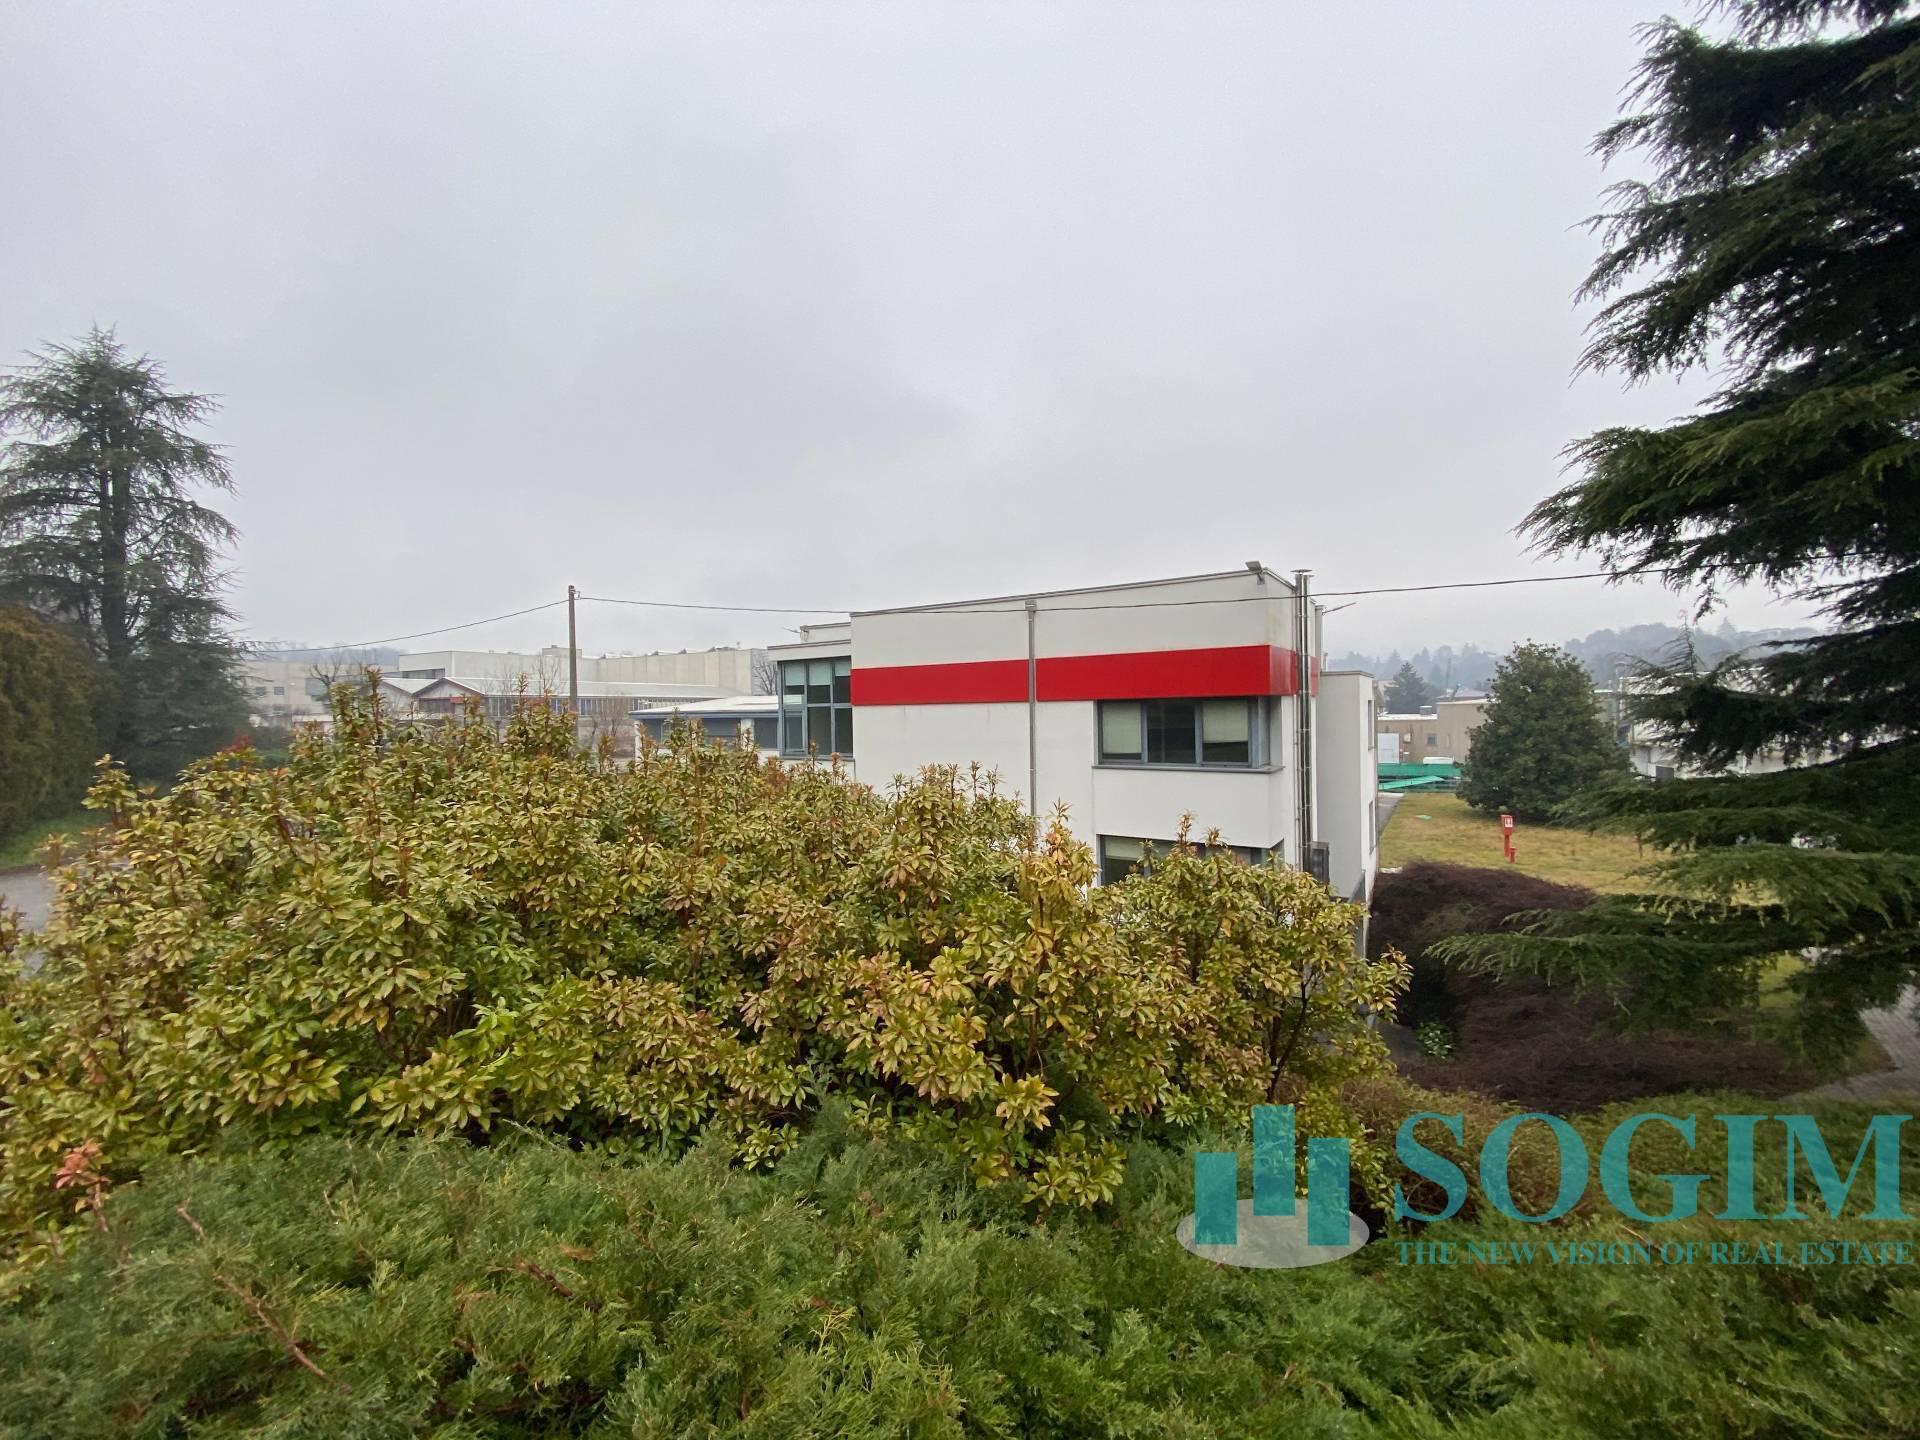 Vendita Capannone Commerciale/Industriale Albese con Cassano 274723